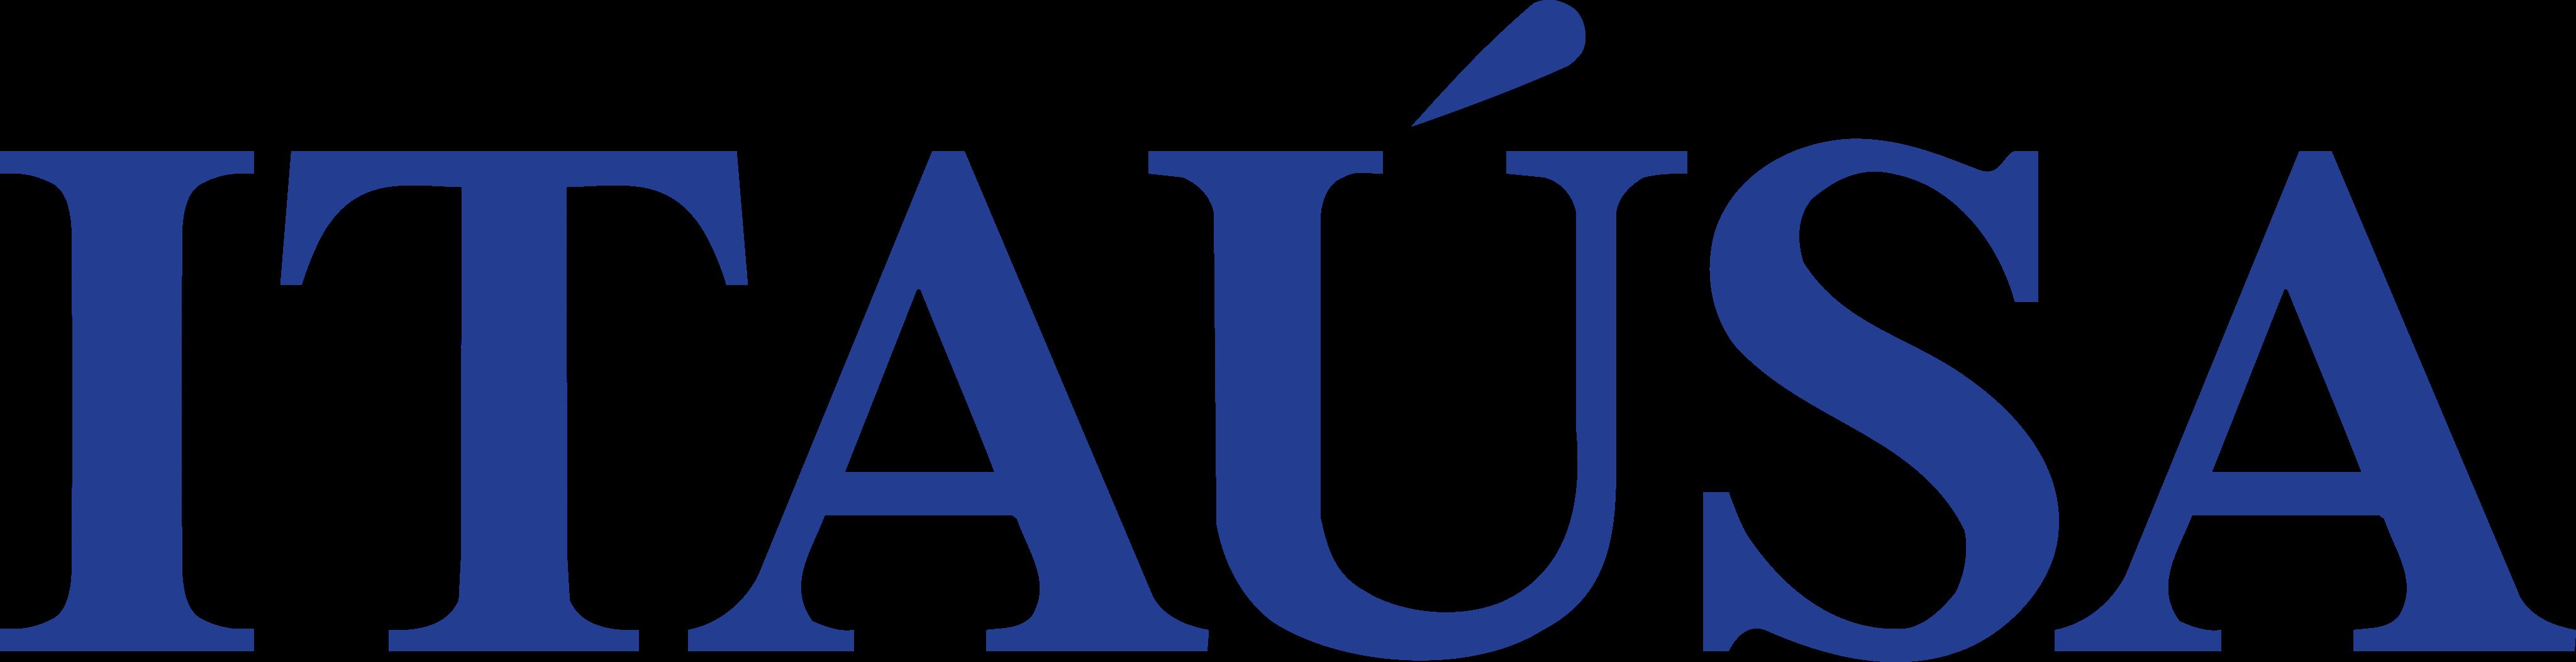 itausa logo - Itaúsa Logo